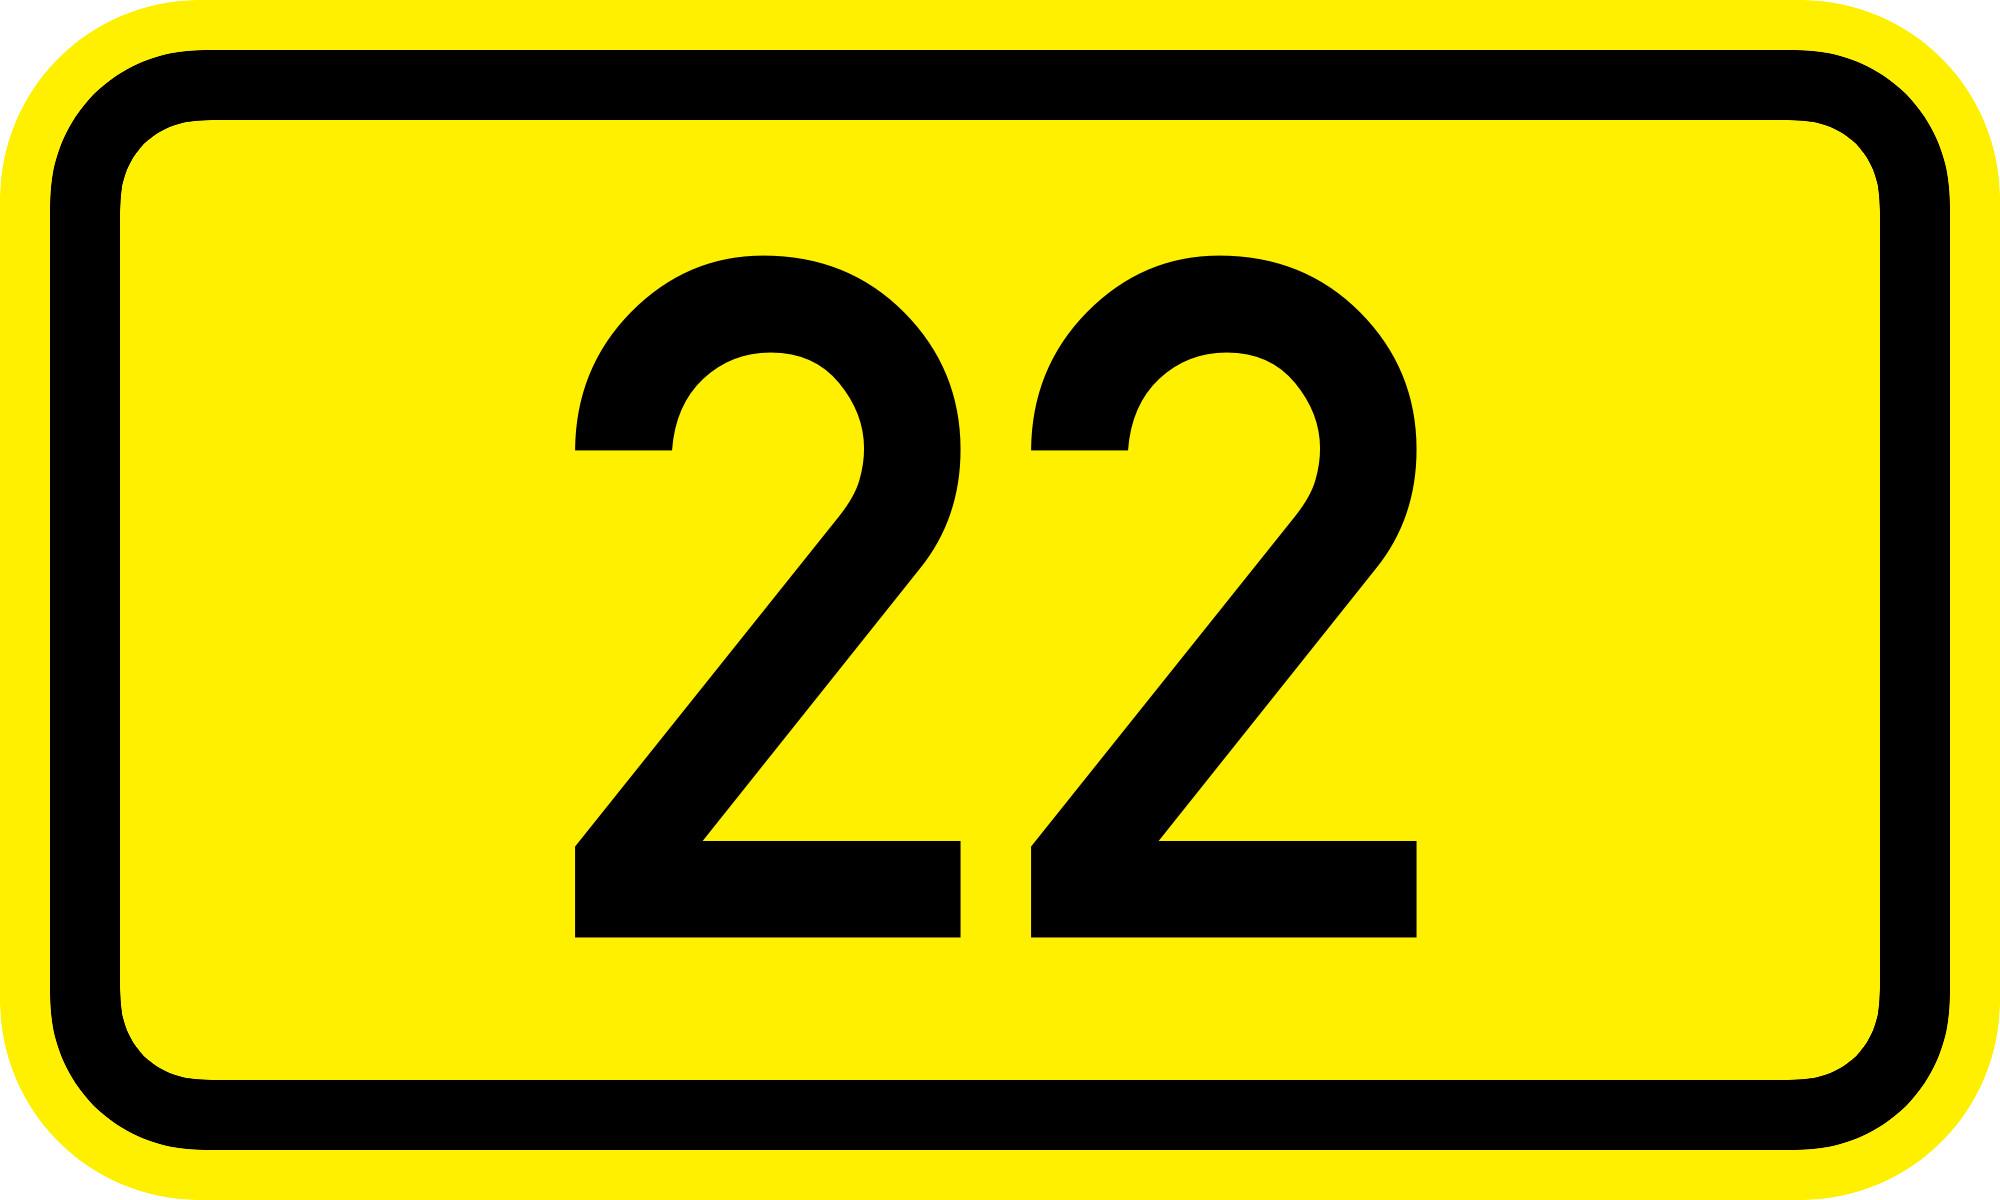 Res: 2000x1200, Bundesstrac39fe 22 de number.png